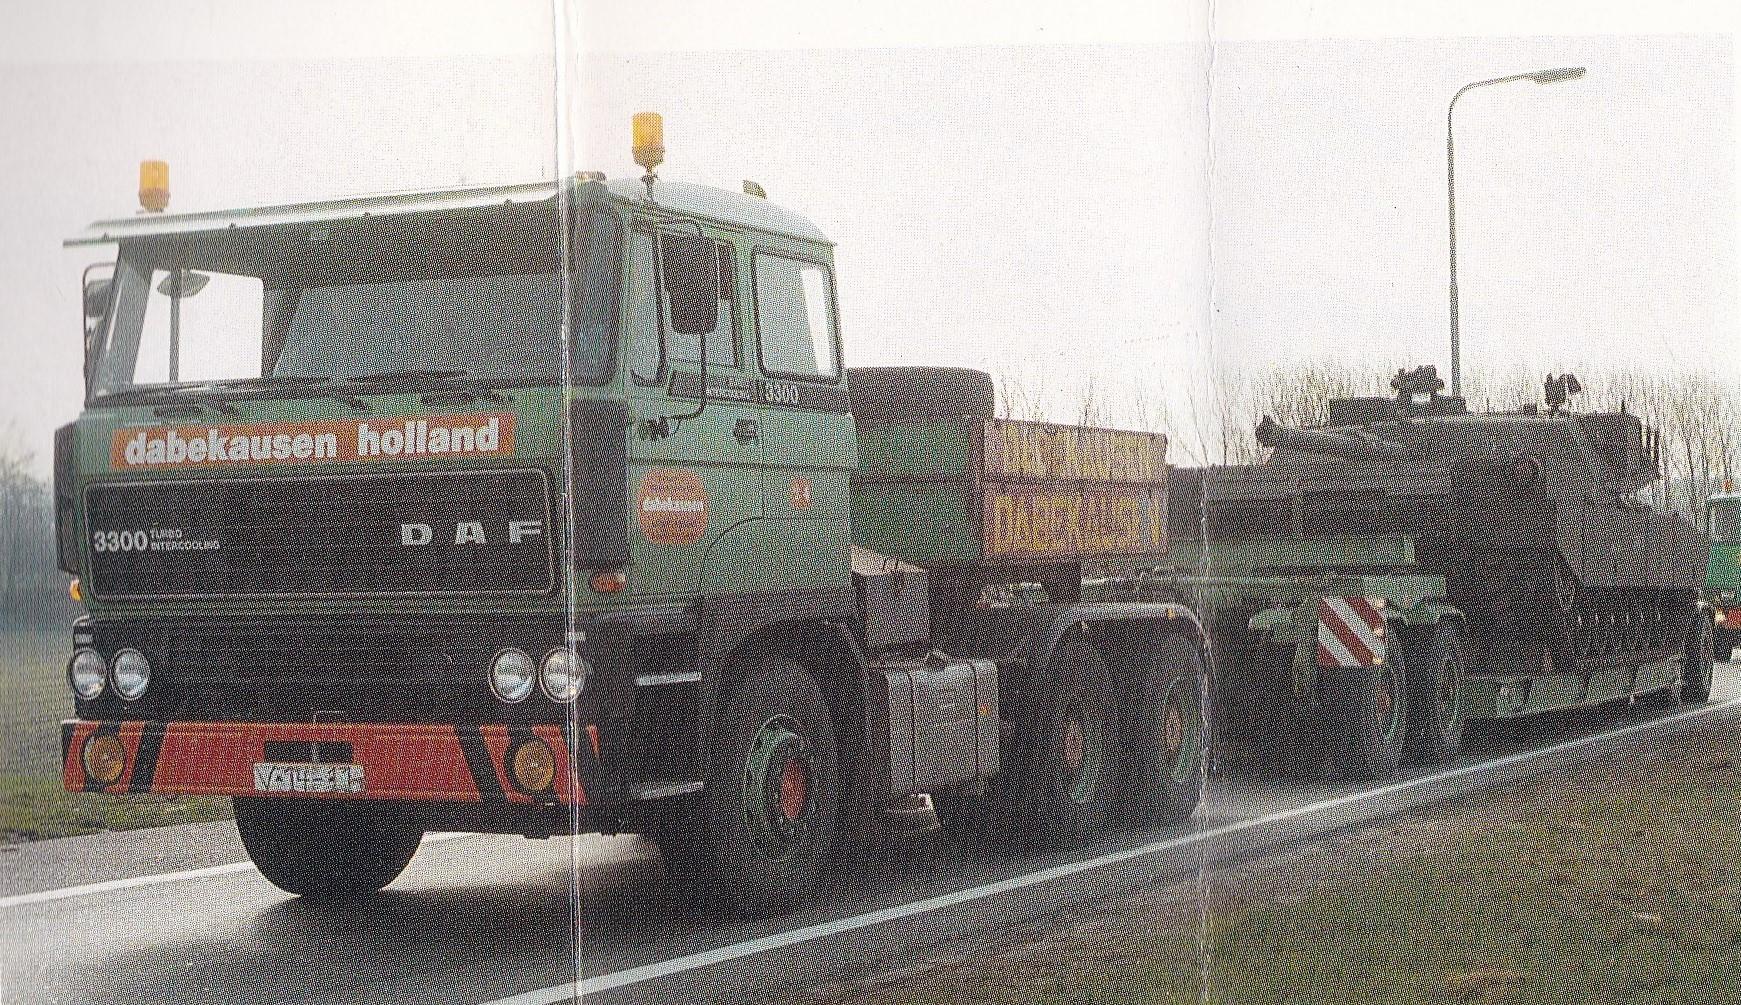 DAF-Dabekausen-Beek--met-tank-1986[853]